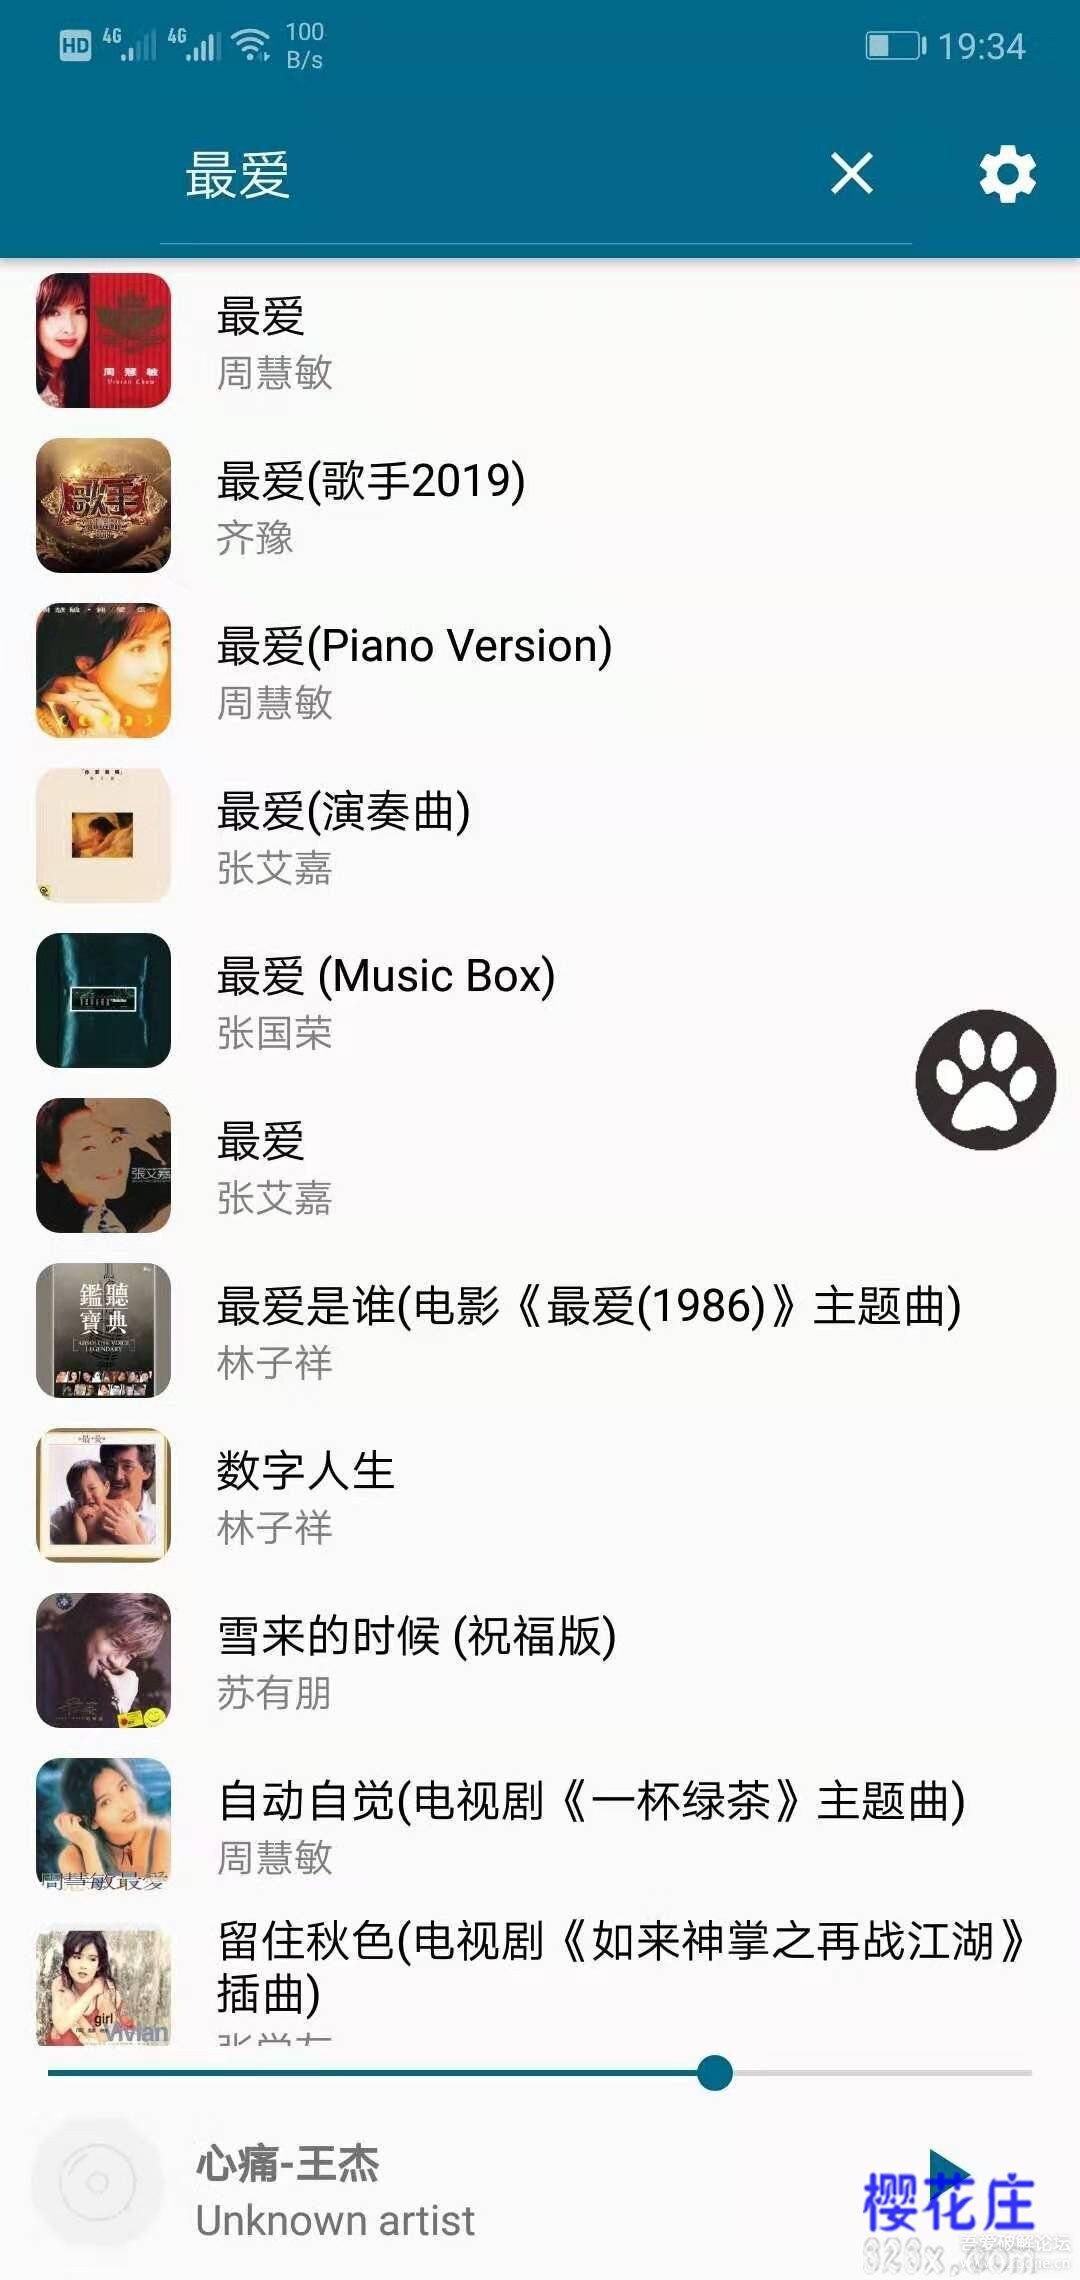 简约却不简单:安卓天天悦听1.2,精品歌单在线听,可直接下载无损音质 配图 No.4